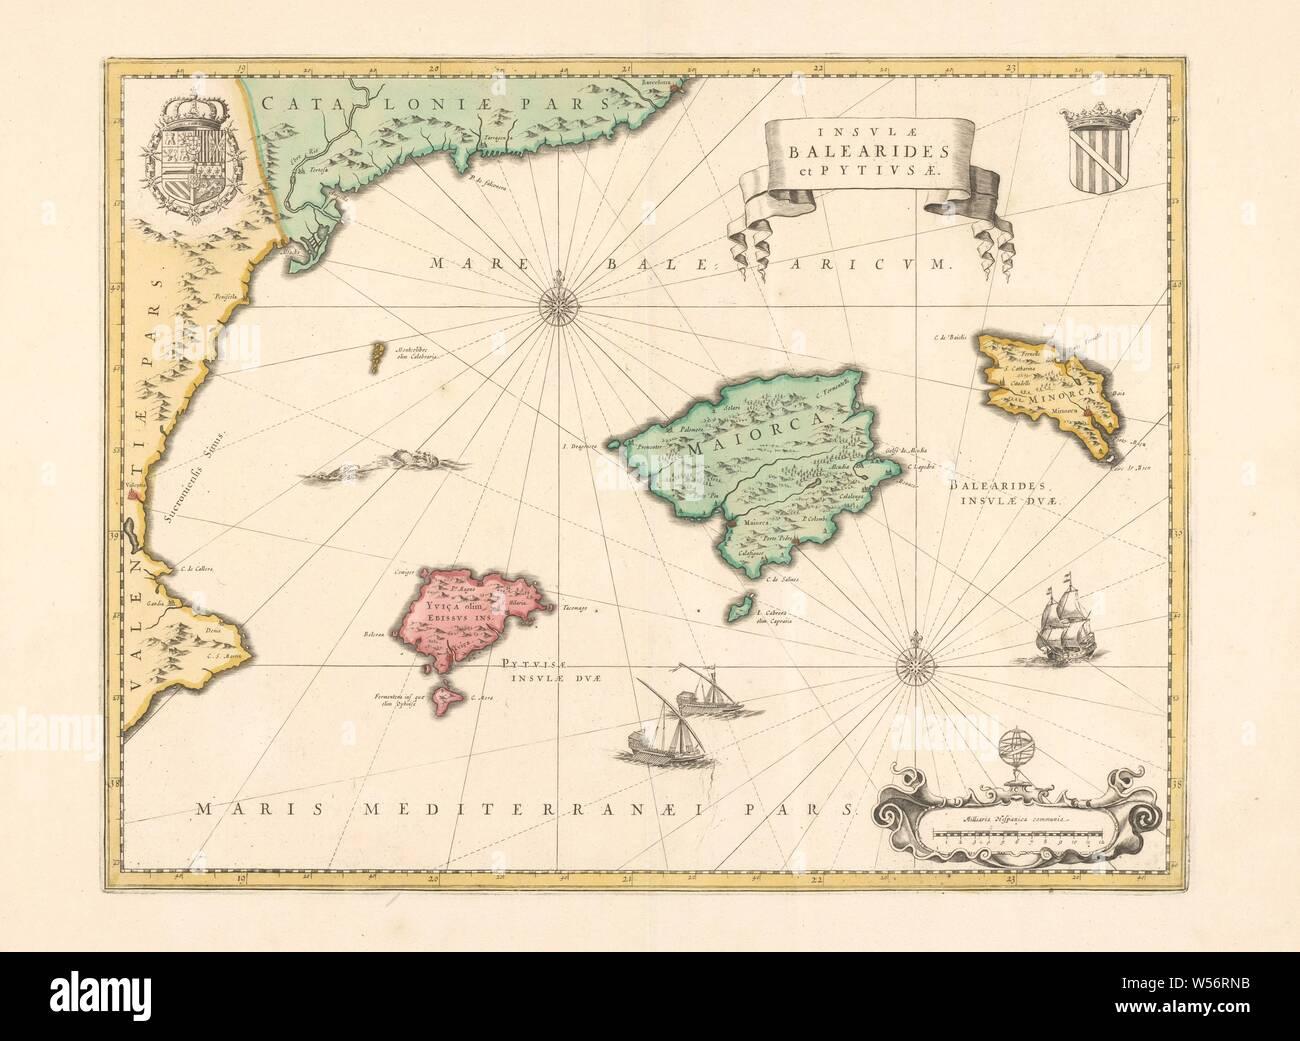 Spanien Karte Küsten.Spanien Karte Stockfotos Spanien Karte Bilder Alamy